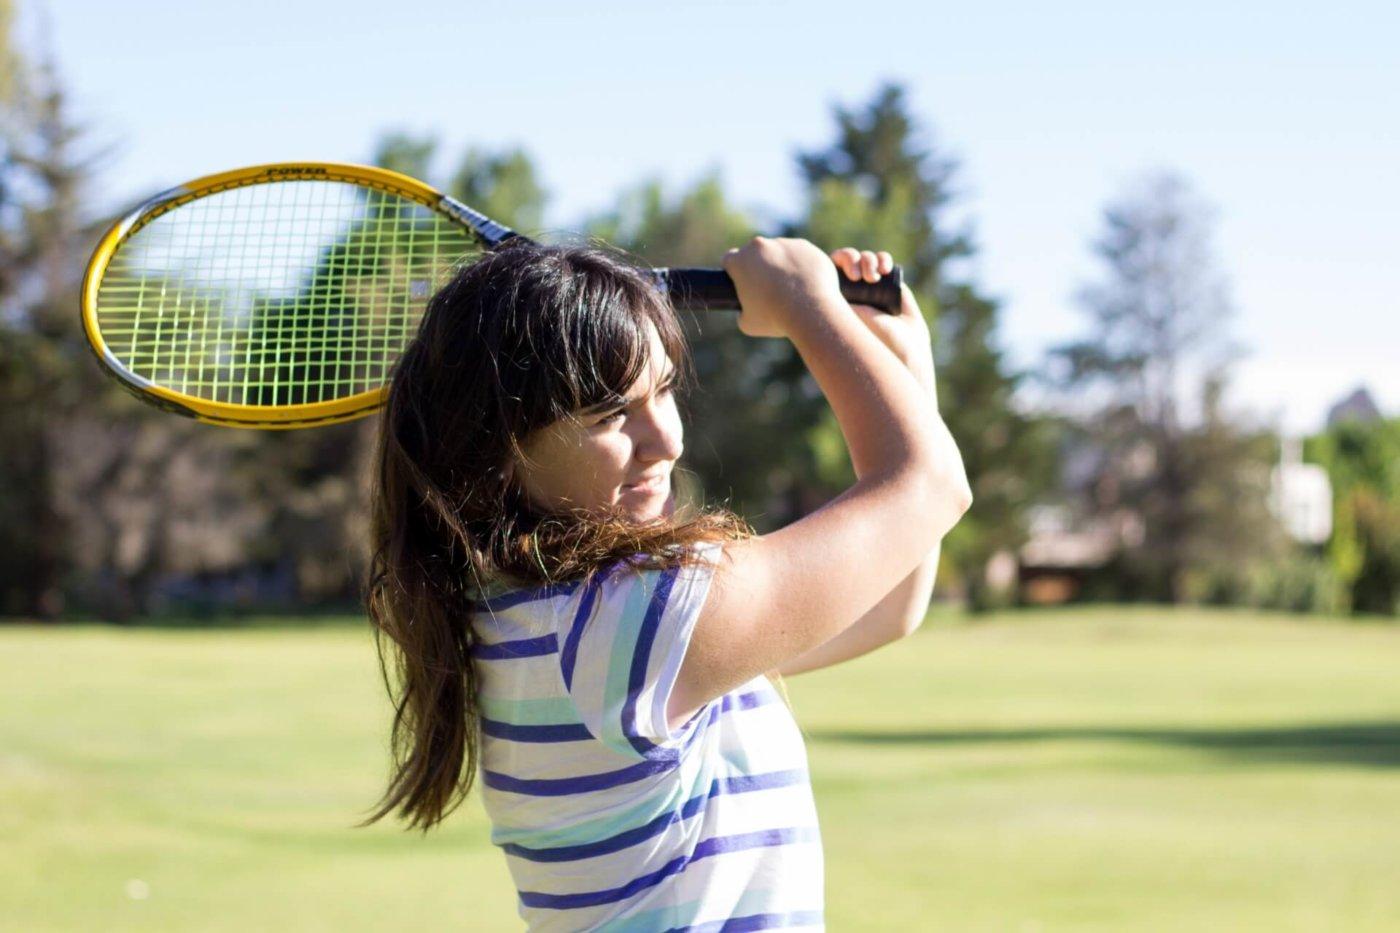 女子テニスはなぜスコート?女子テニスがたどったウェアの歴史